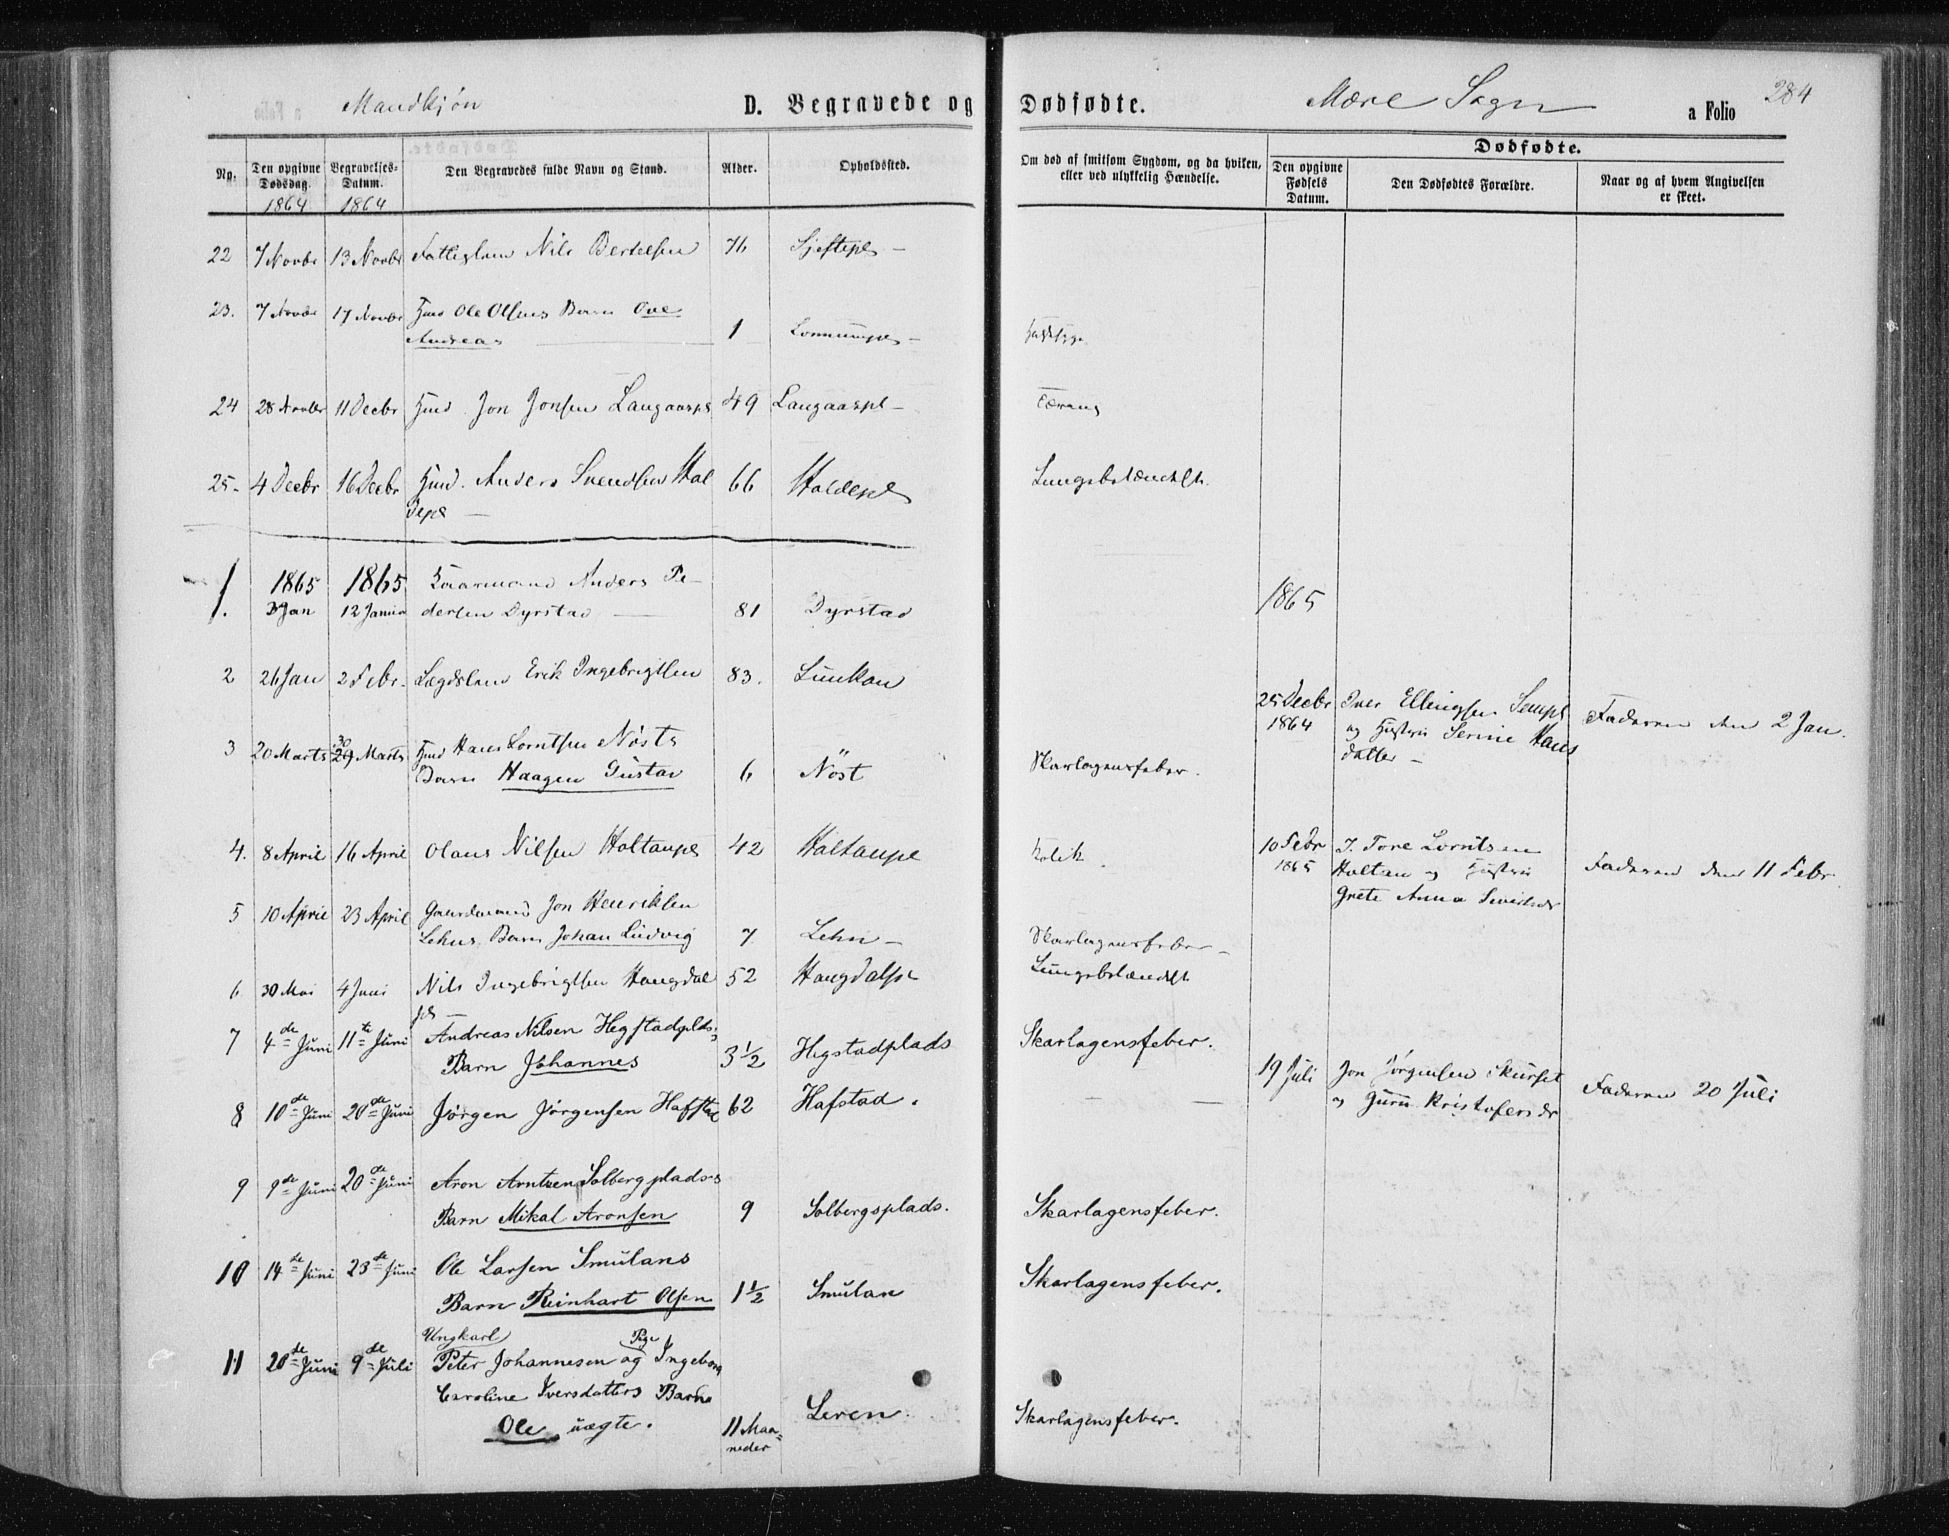 SAT, Ministerialprotokoller, klokkerbøker og fødselsregistre - Nord-Trøndelag, 735/L0345: Ministerialbok nr. 735A08 /1, 1863-1872, s. 284